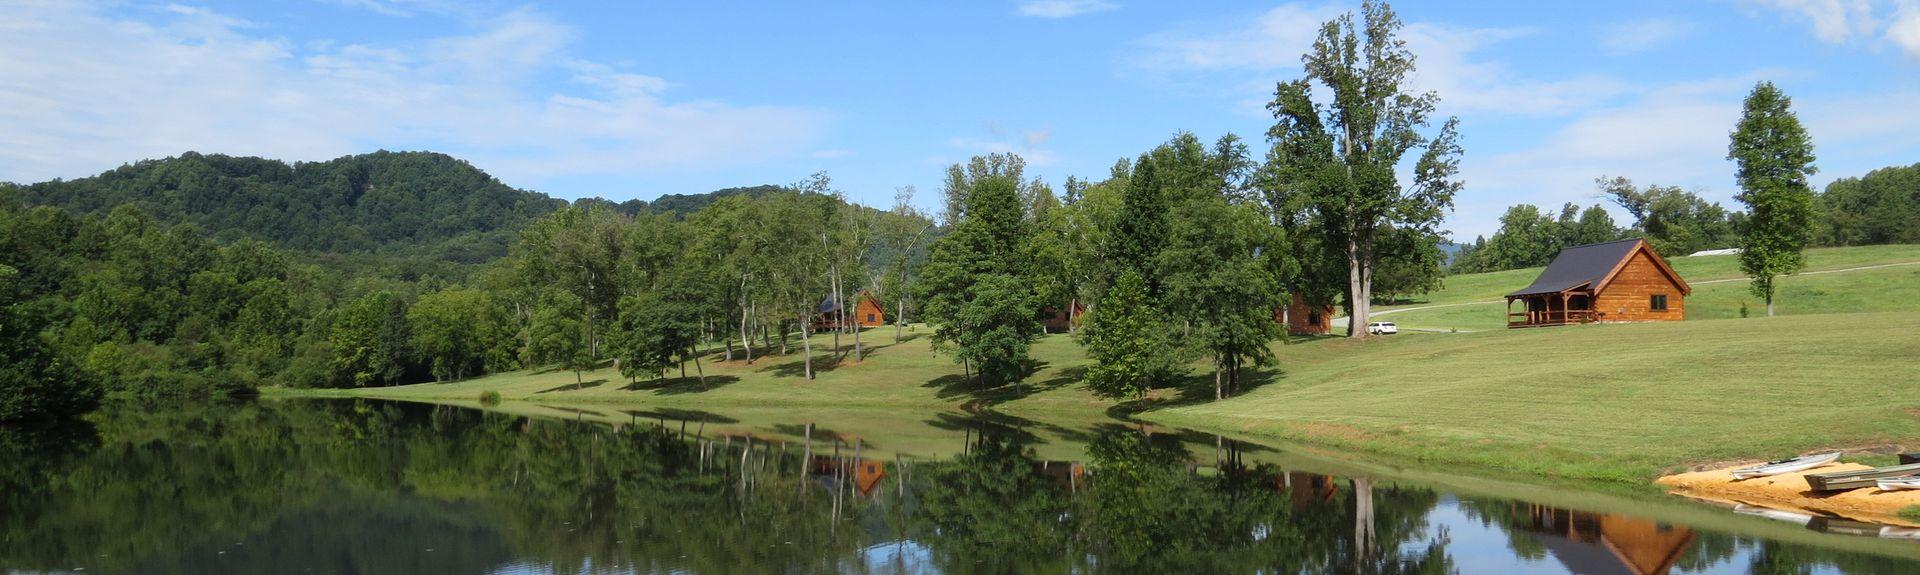 Esmont, Virginia, United States of America